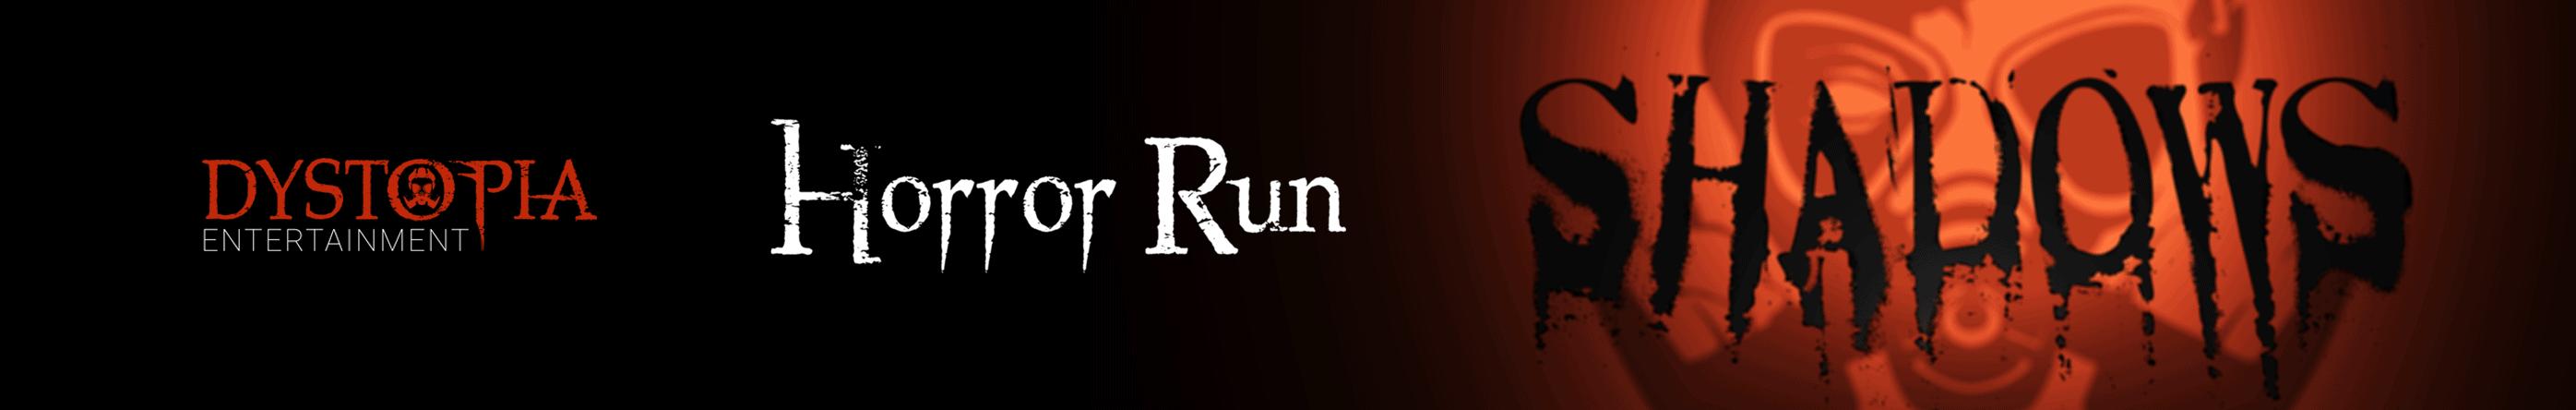 DYSTOPIA Horror Run - Shadows